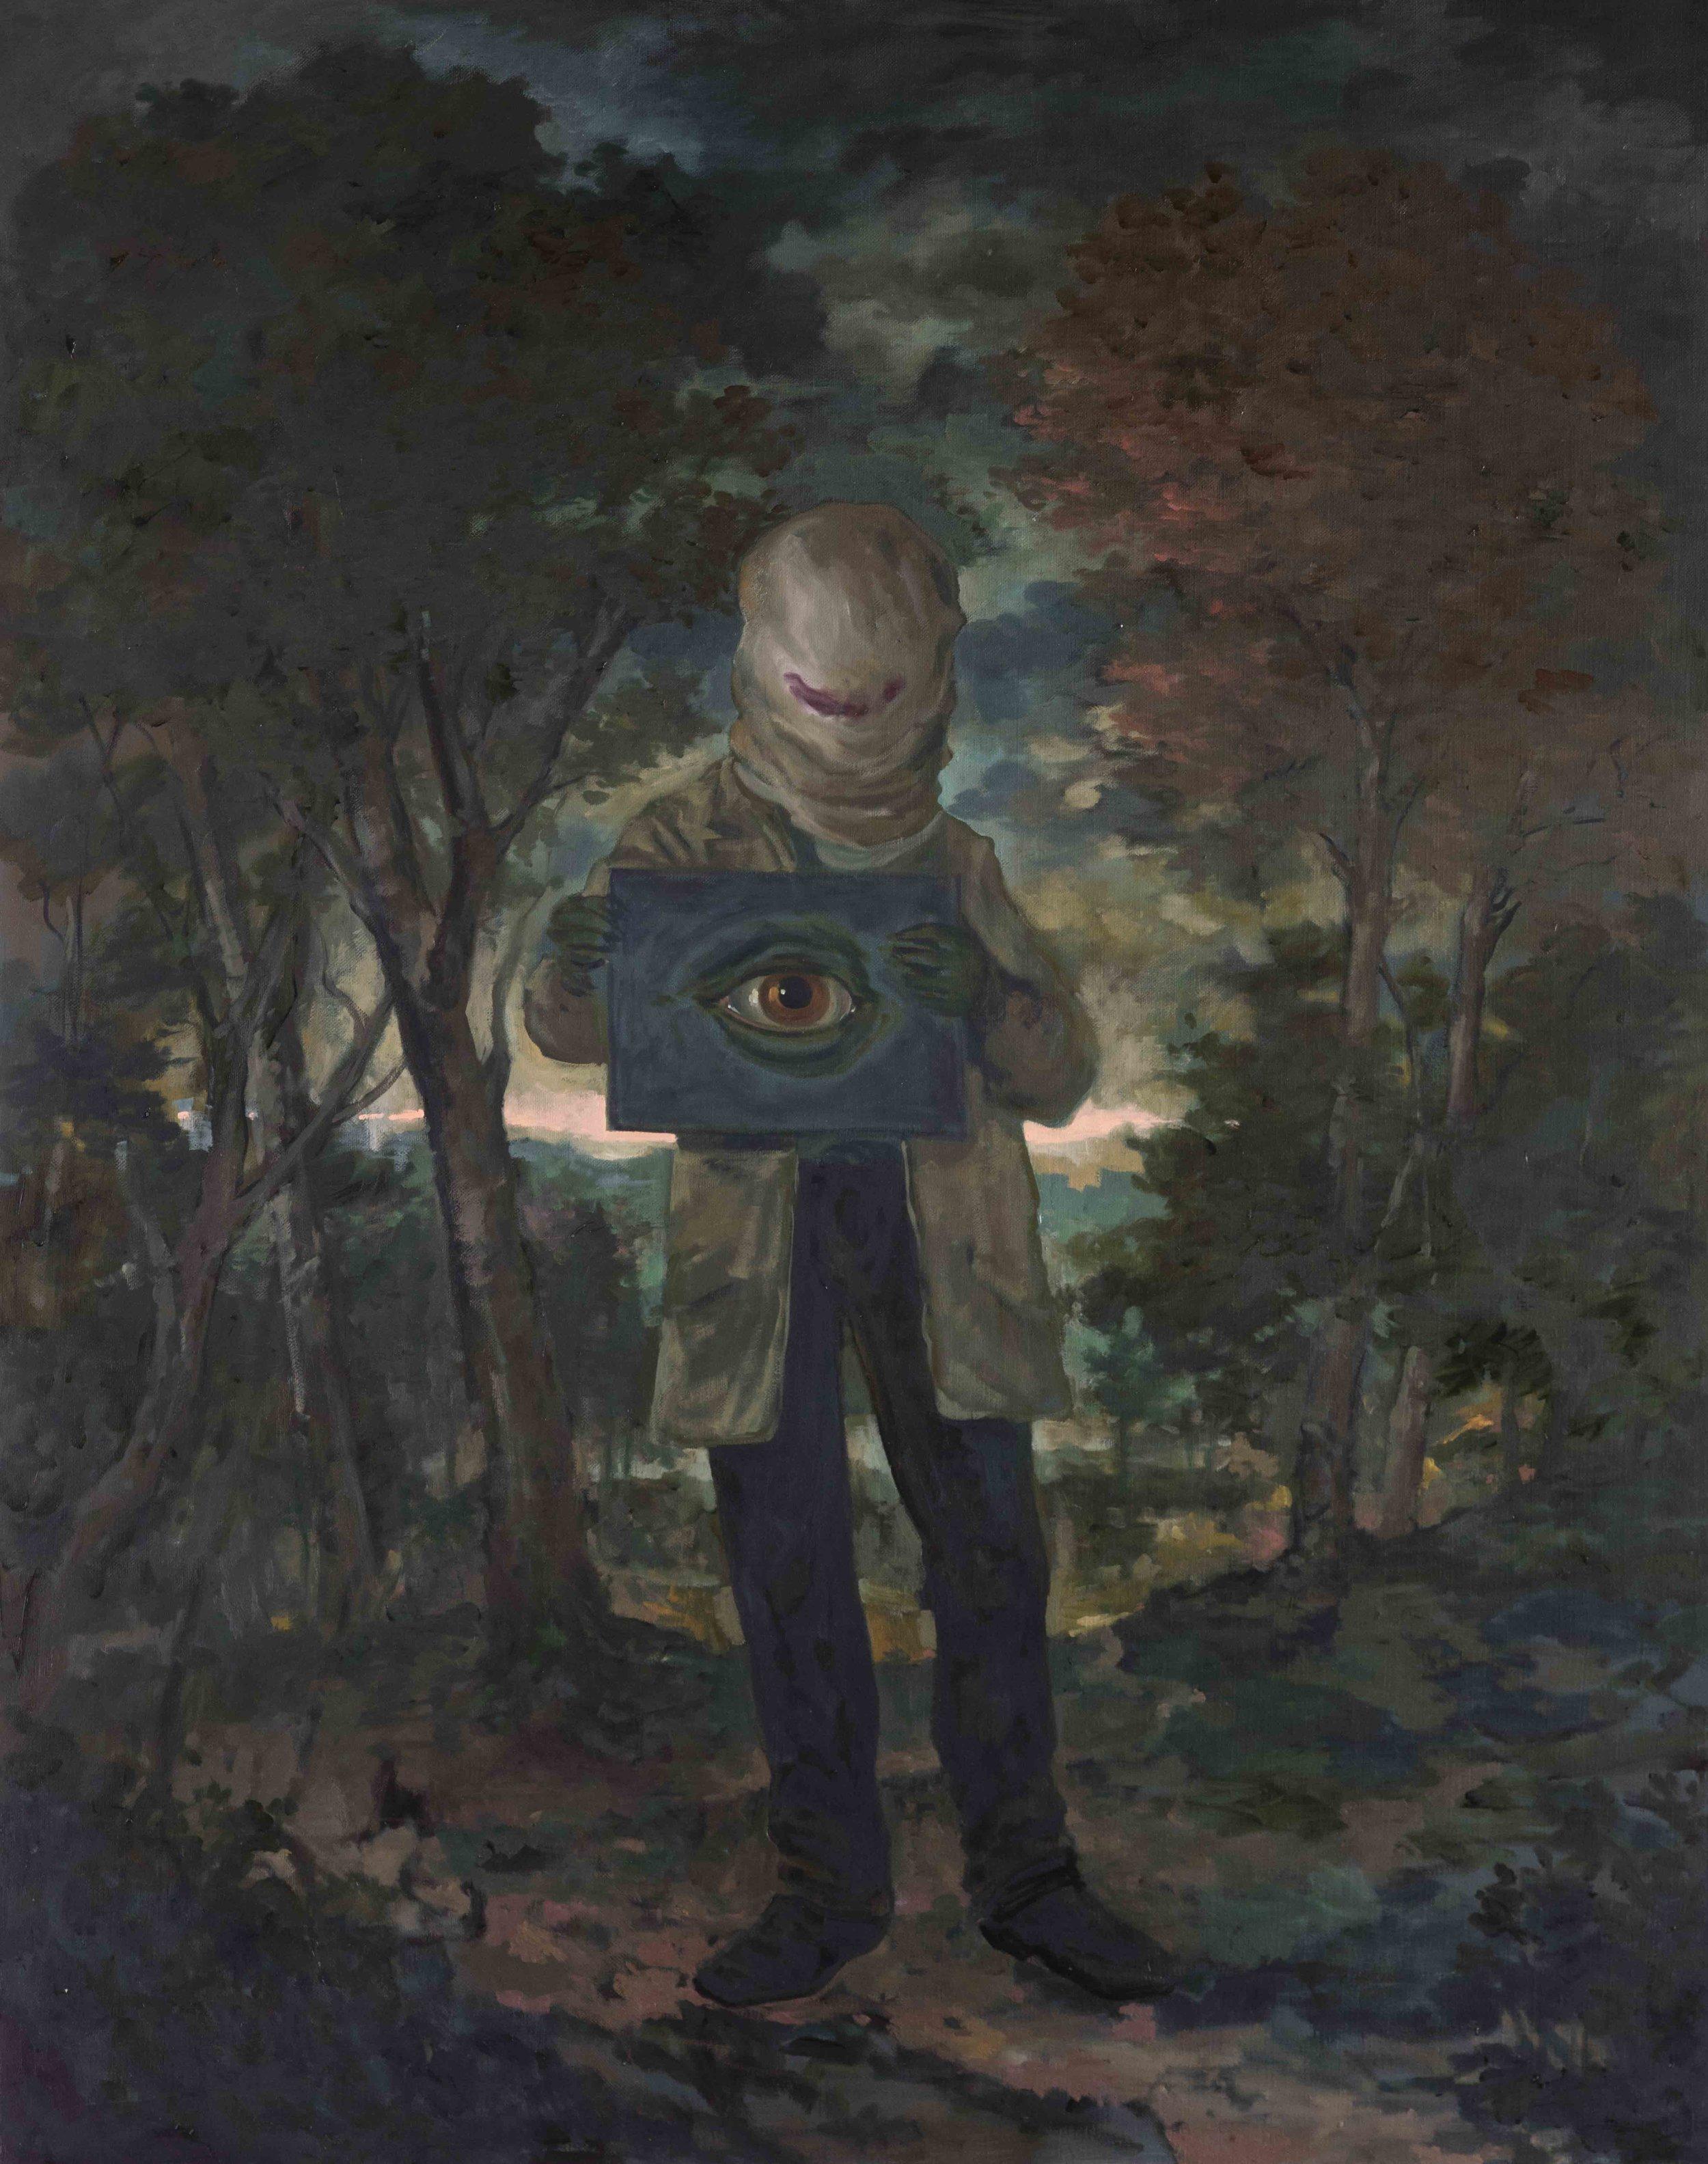 Michael Vale,  The Phantom Engineer I,  2016, Oil on linen, 122 x 92 cm